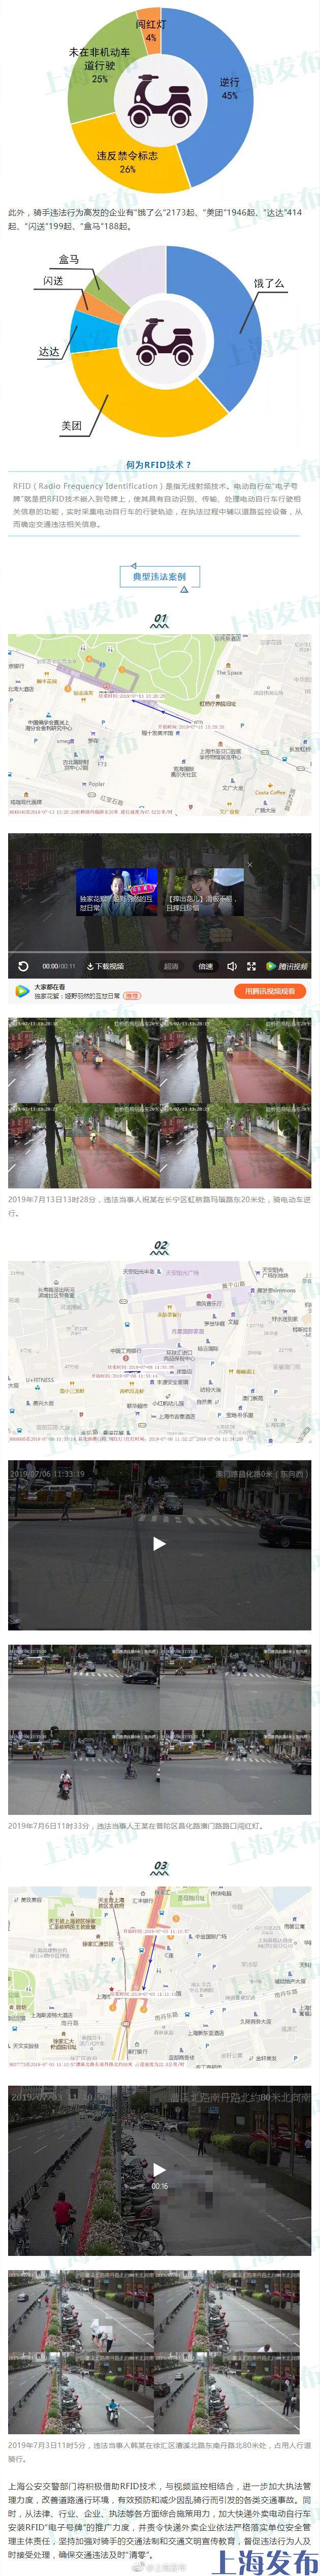 沪电子警察查处快递外卖骑手交通违法,半个月查获5642起